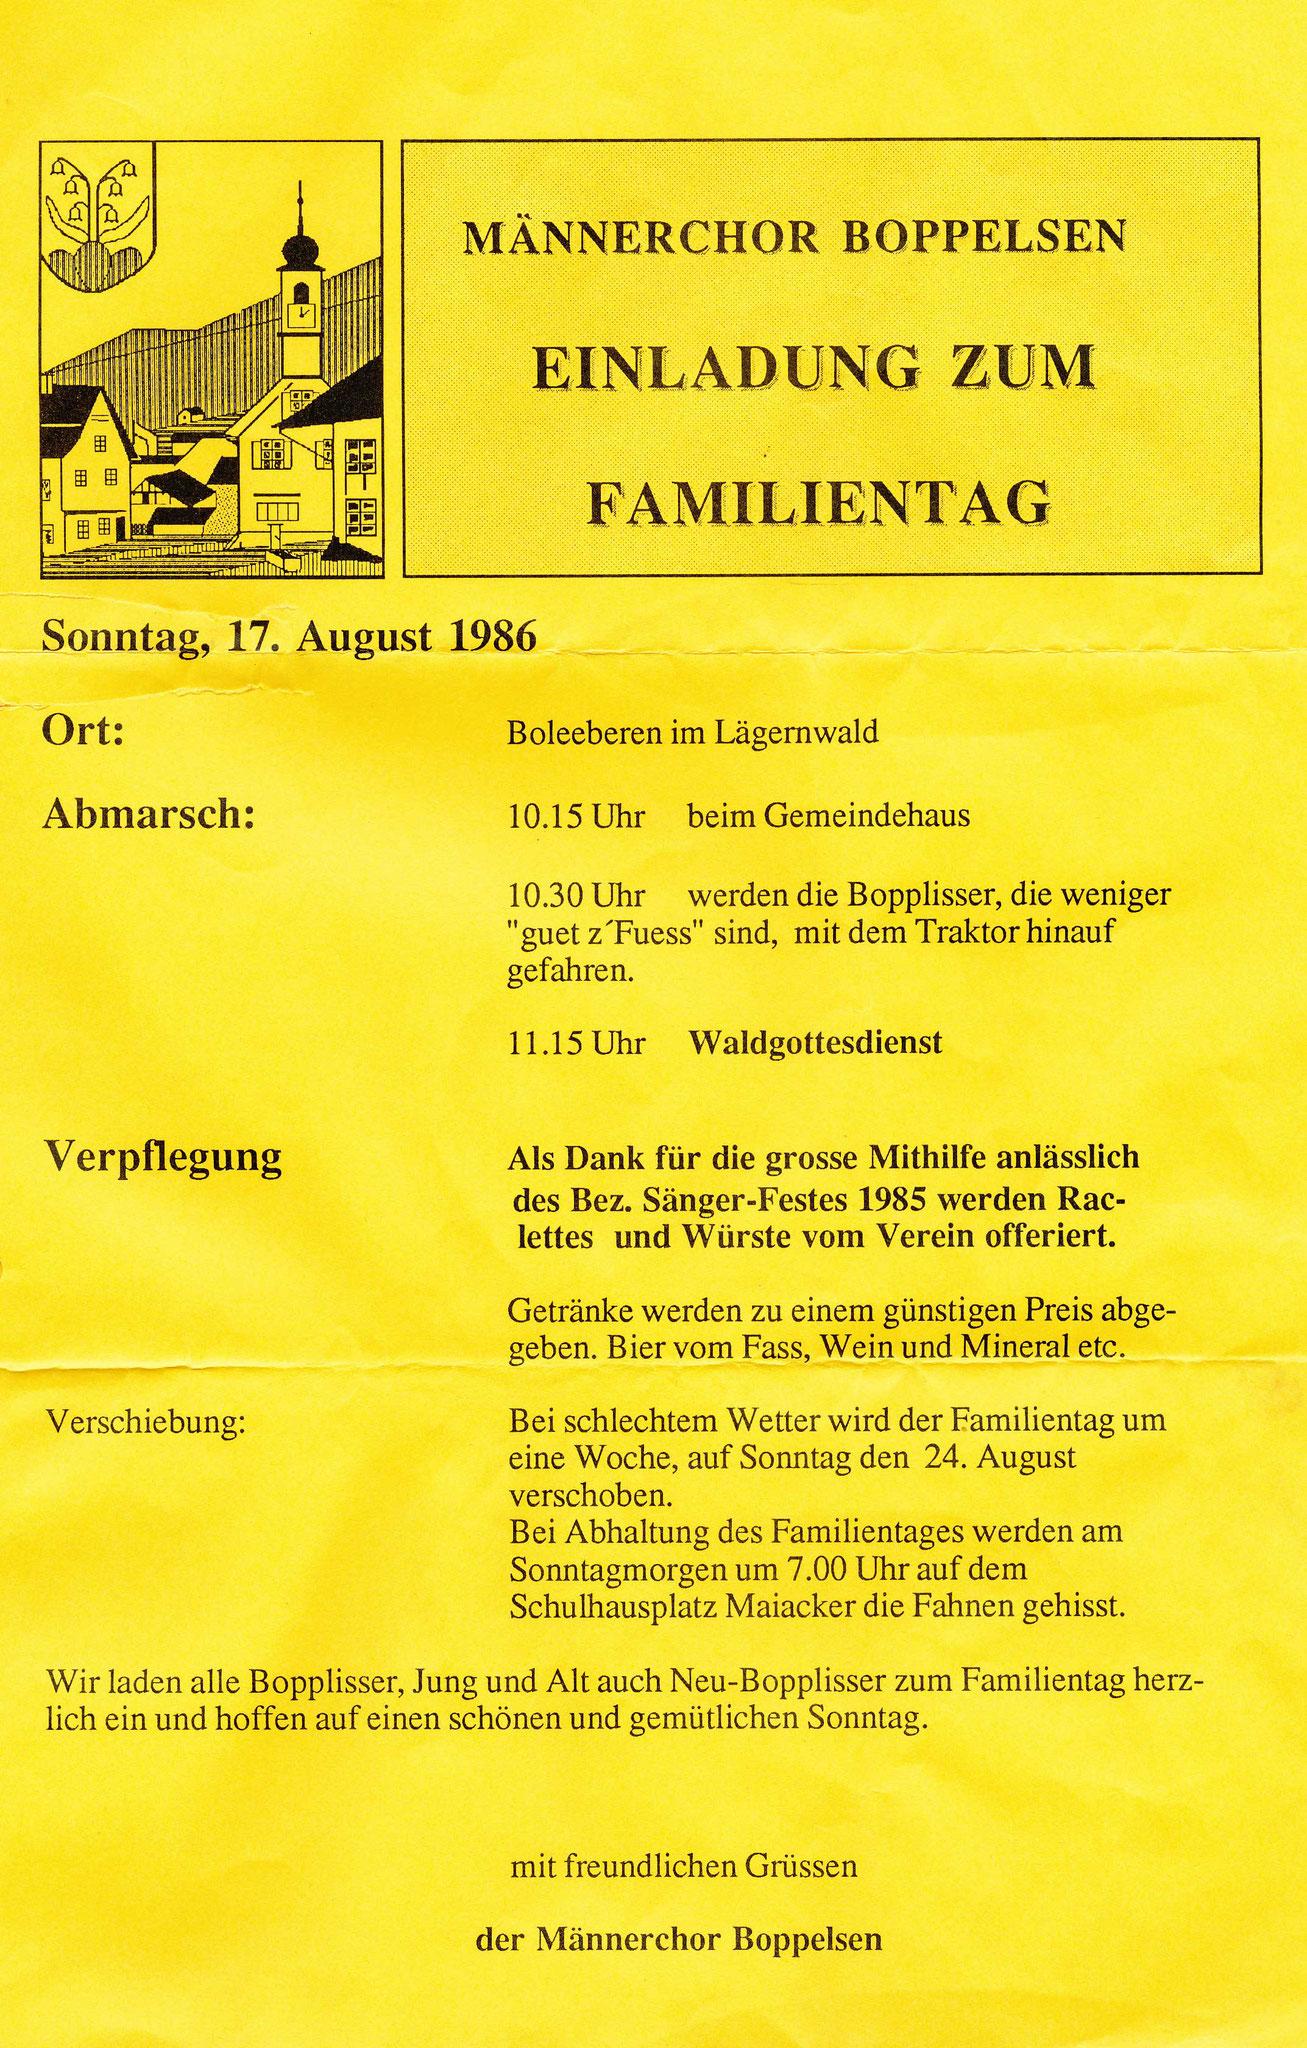 1986_Familientag auf Boleeberen als Dank für die Mithilfe am Bez. Sängerfest 1985